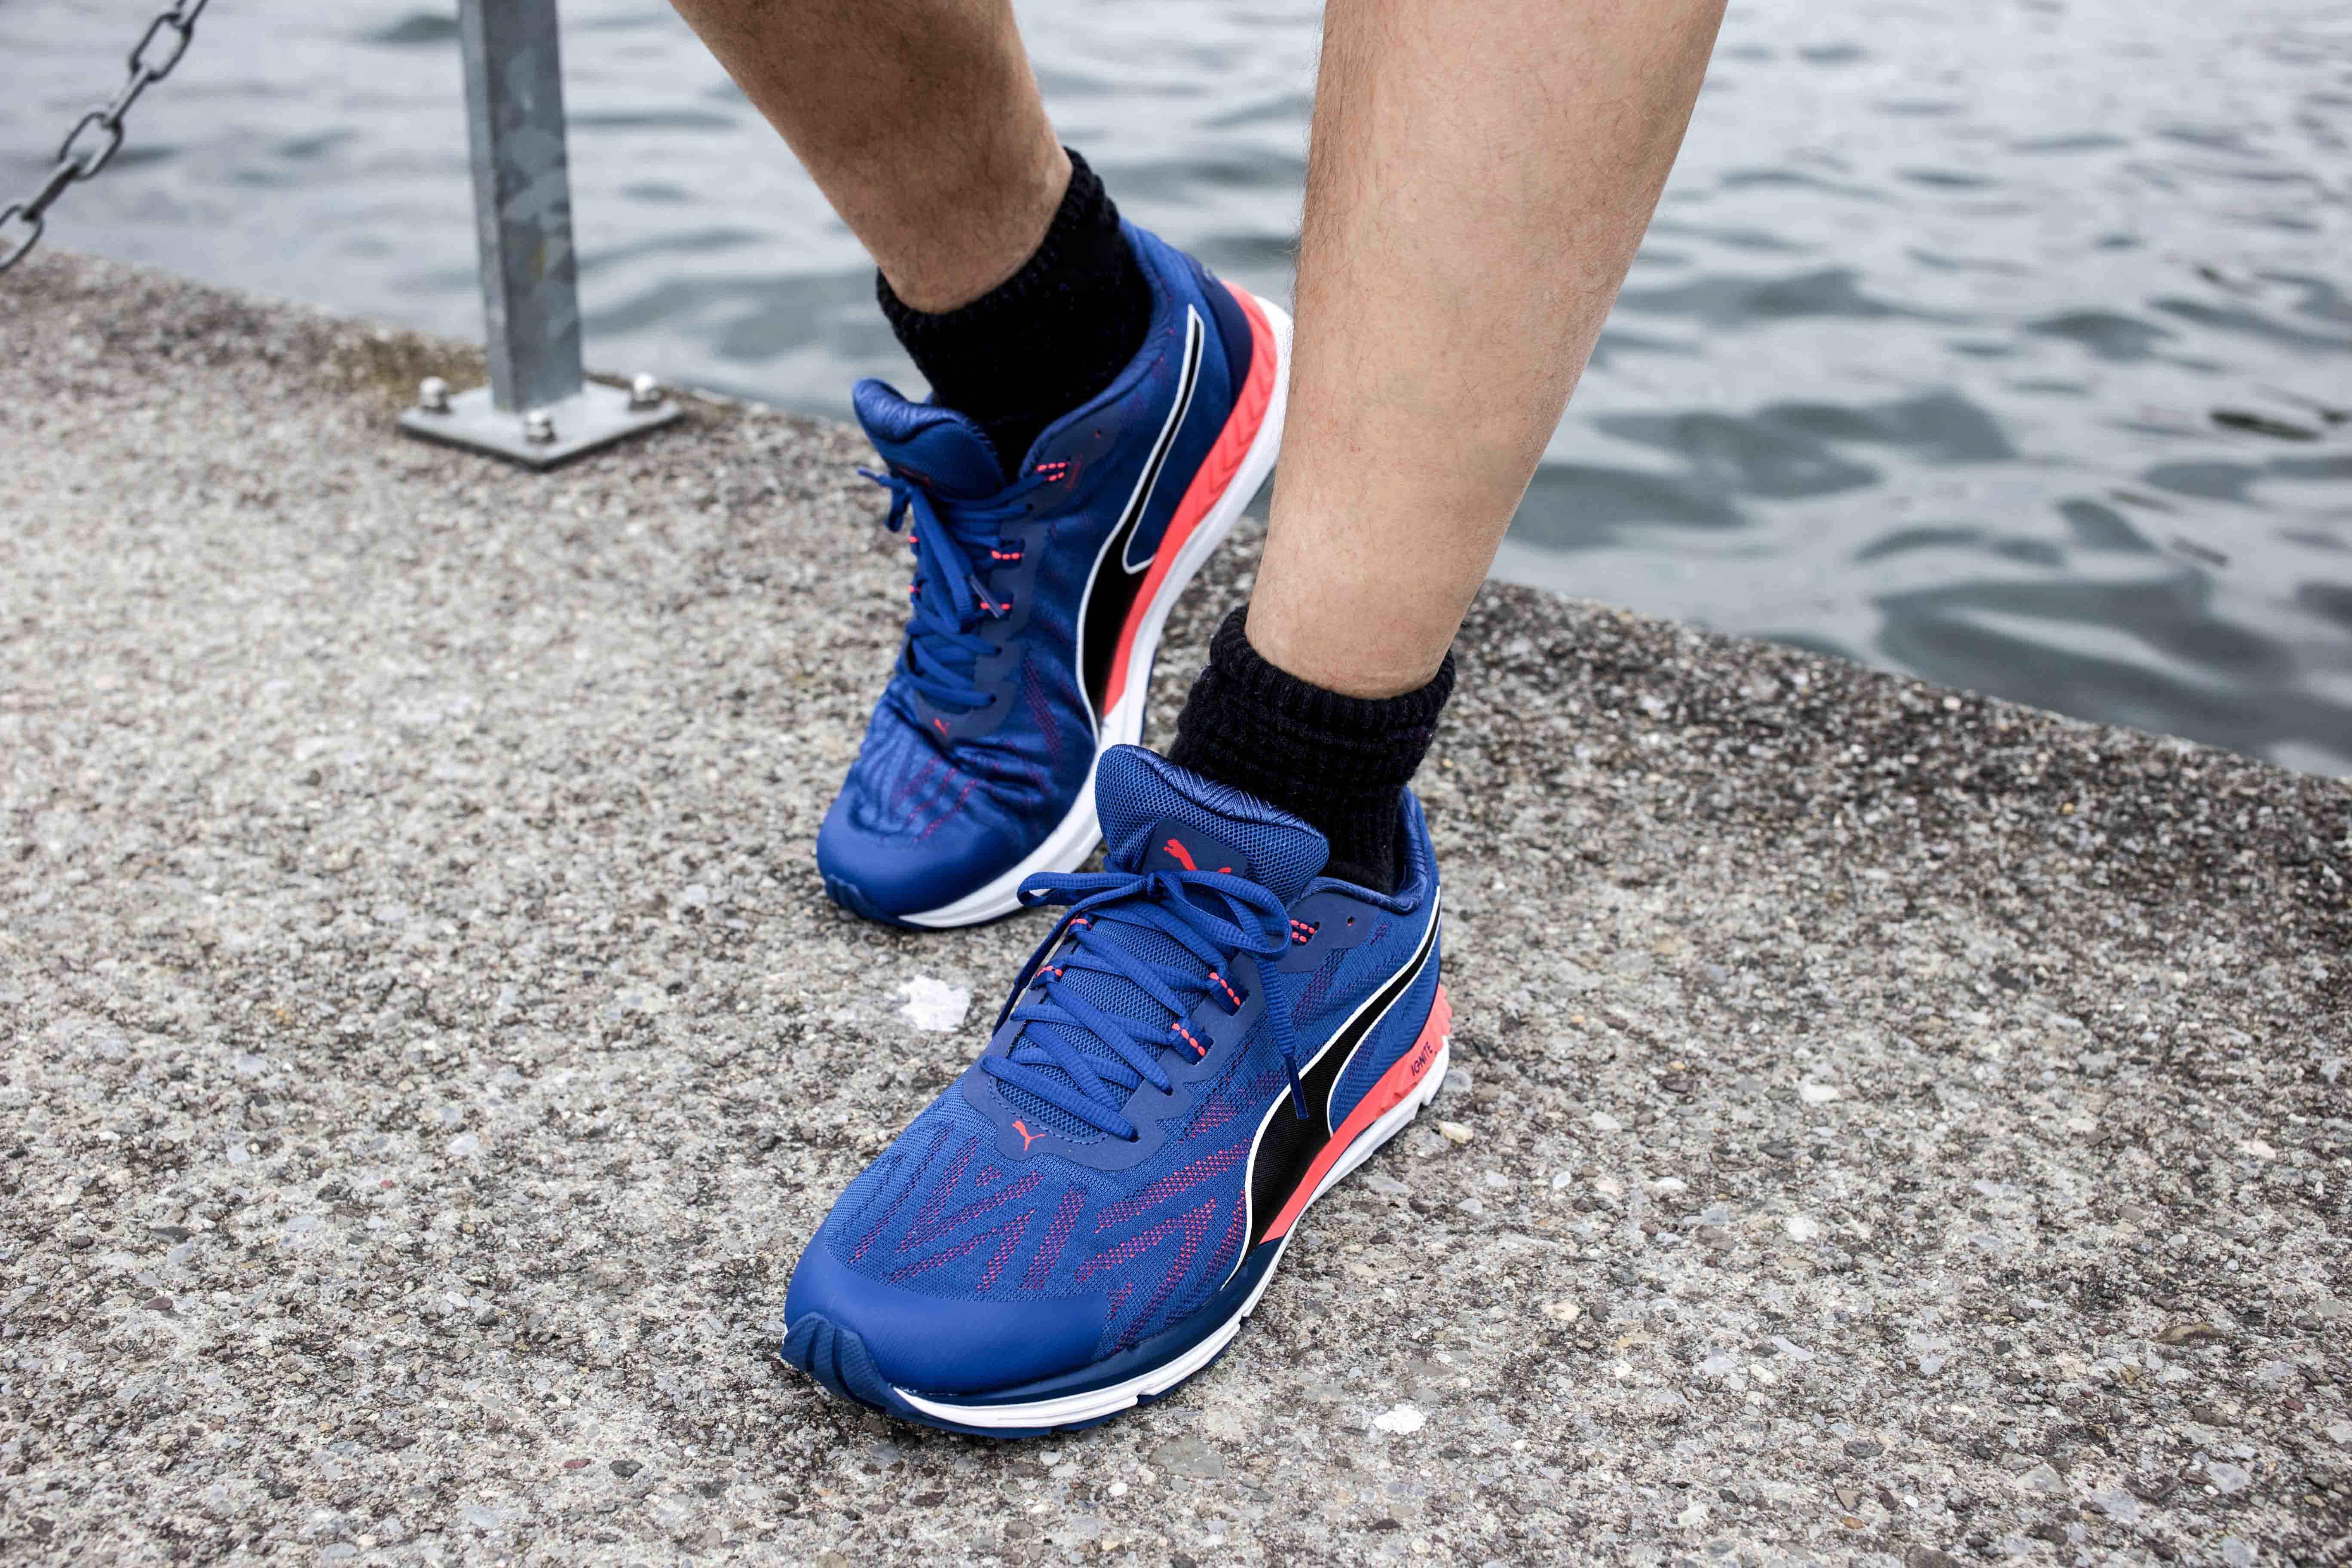 sport-running-laufen-gym-tipps-puma-training_7335-2